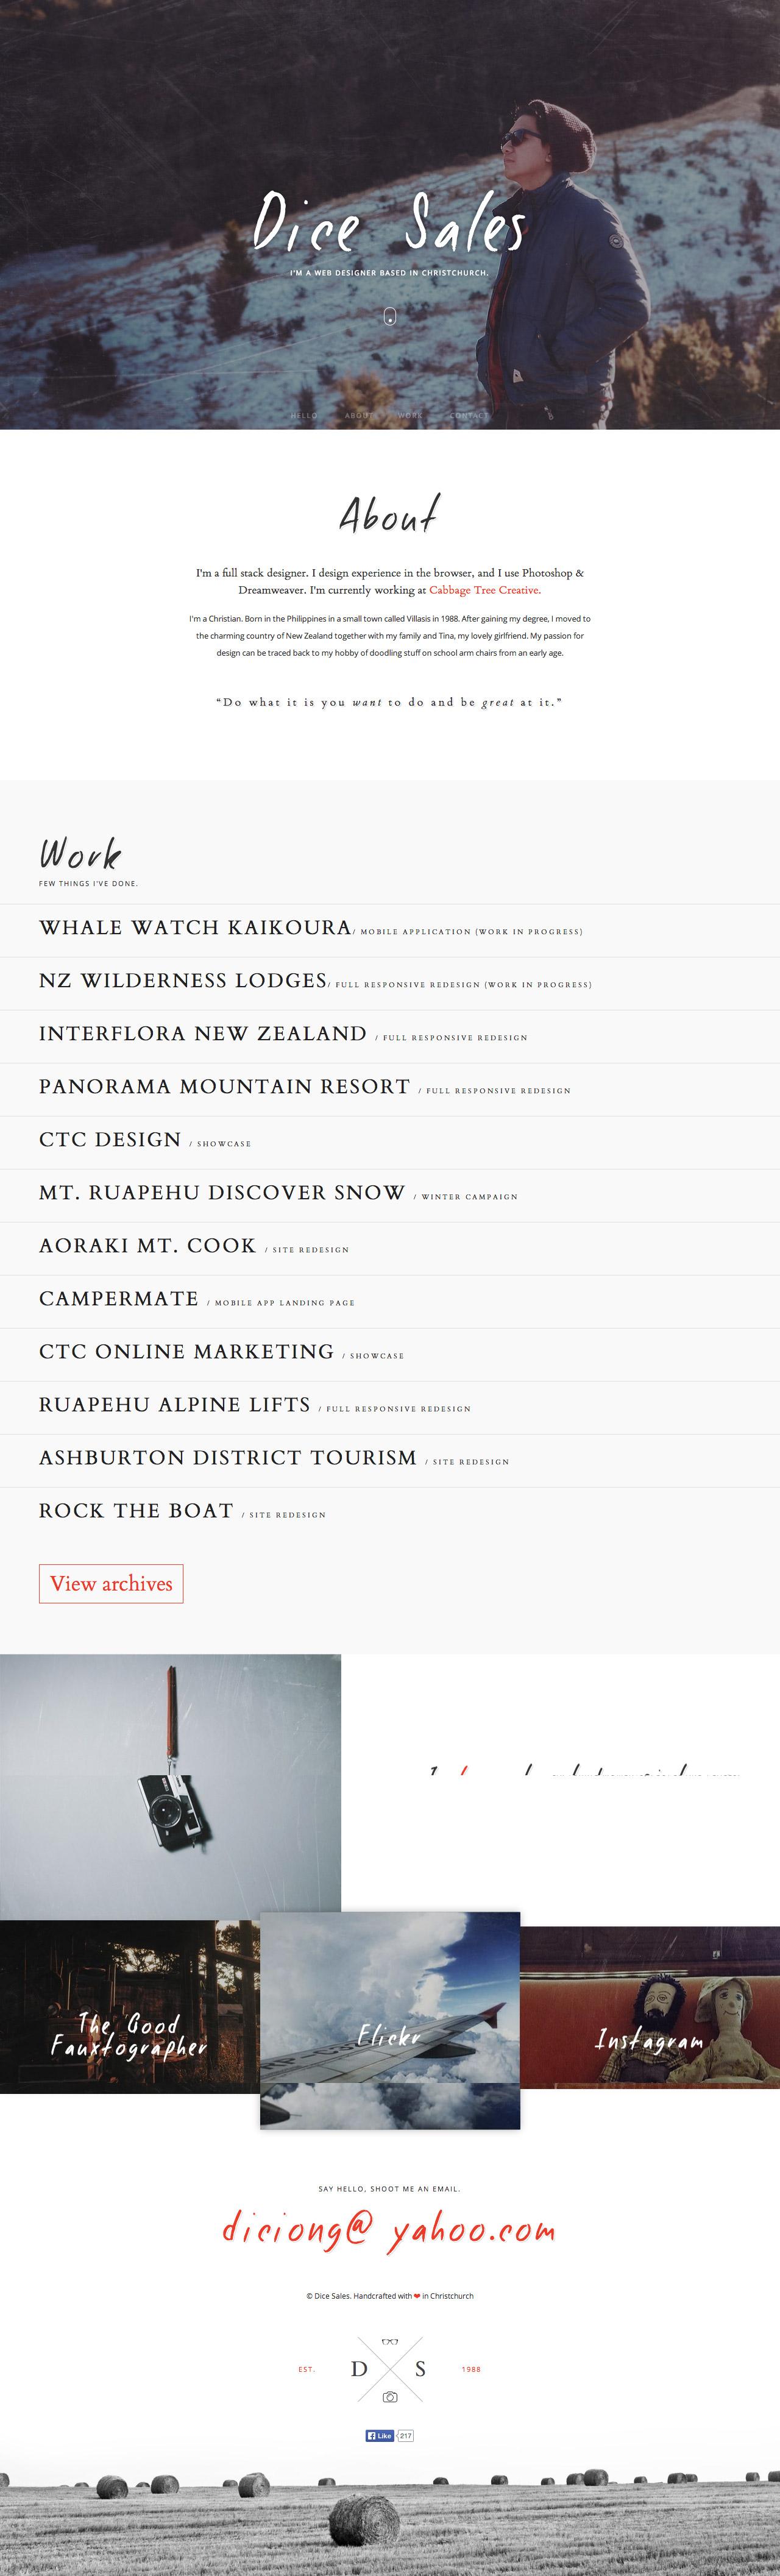 Dice Sales Website Screenshot